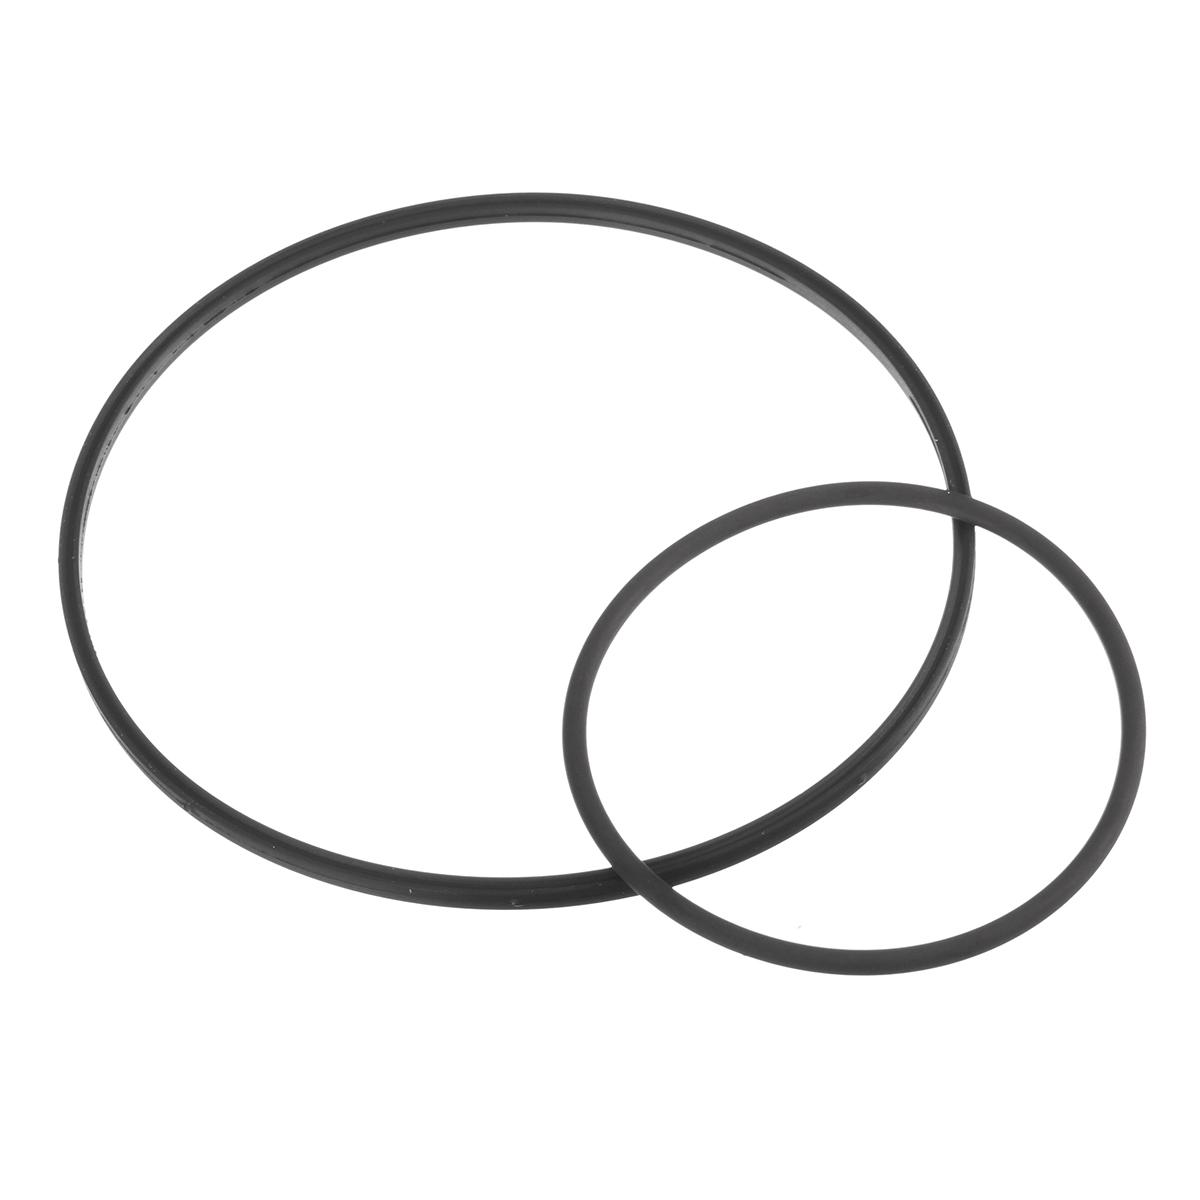 bmw e46 e90 n46 уплотнительное кольцо прокладка насос vacum